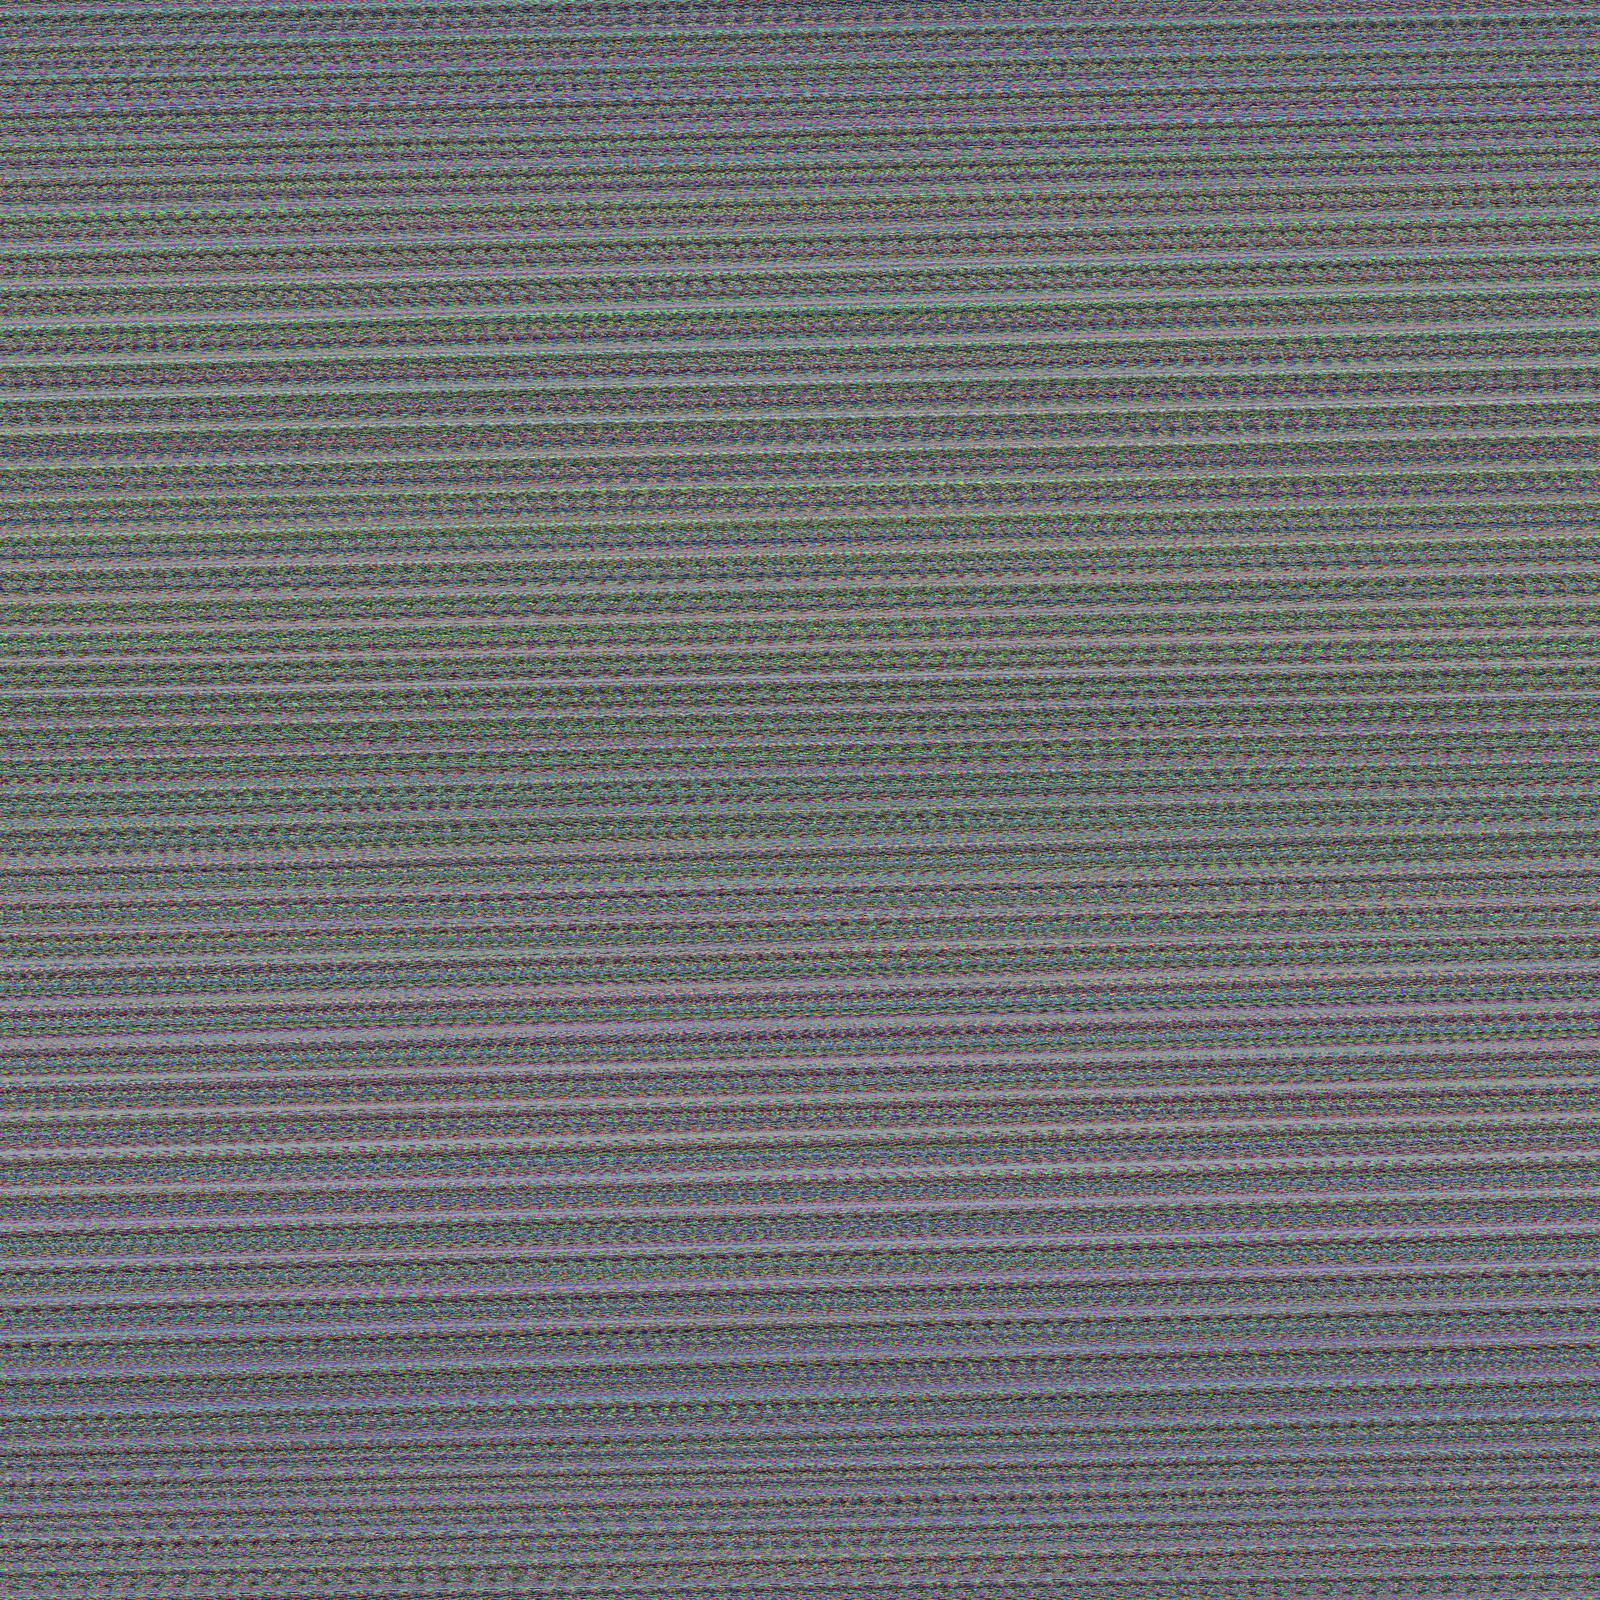 162653-11831039-4_jpg.jpg